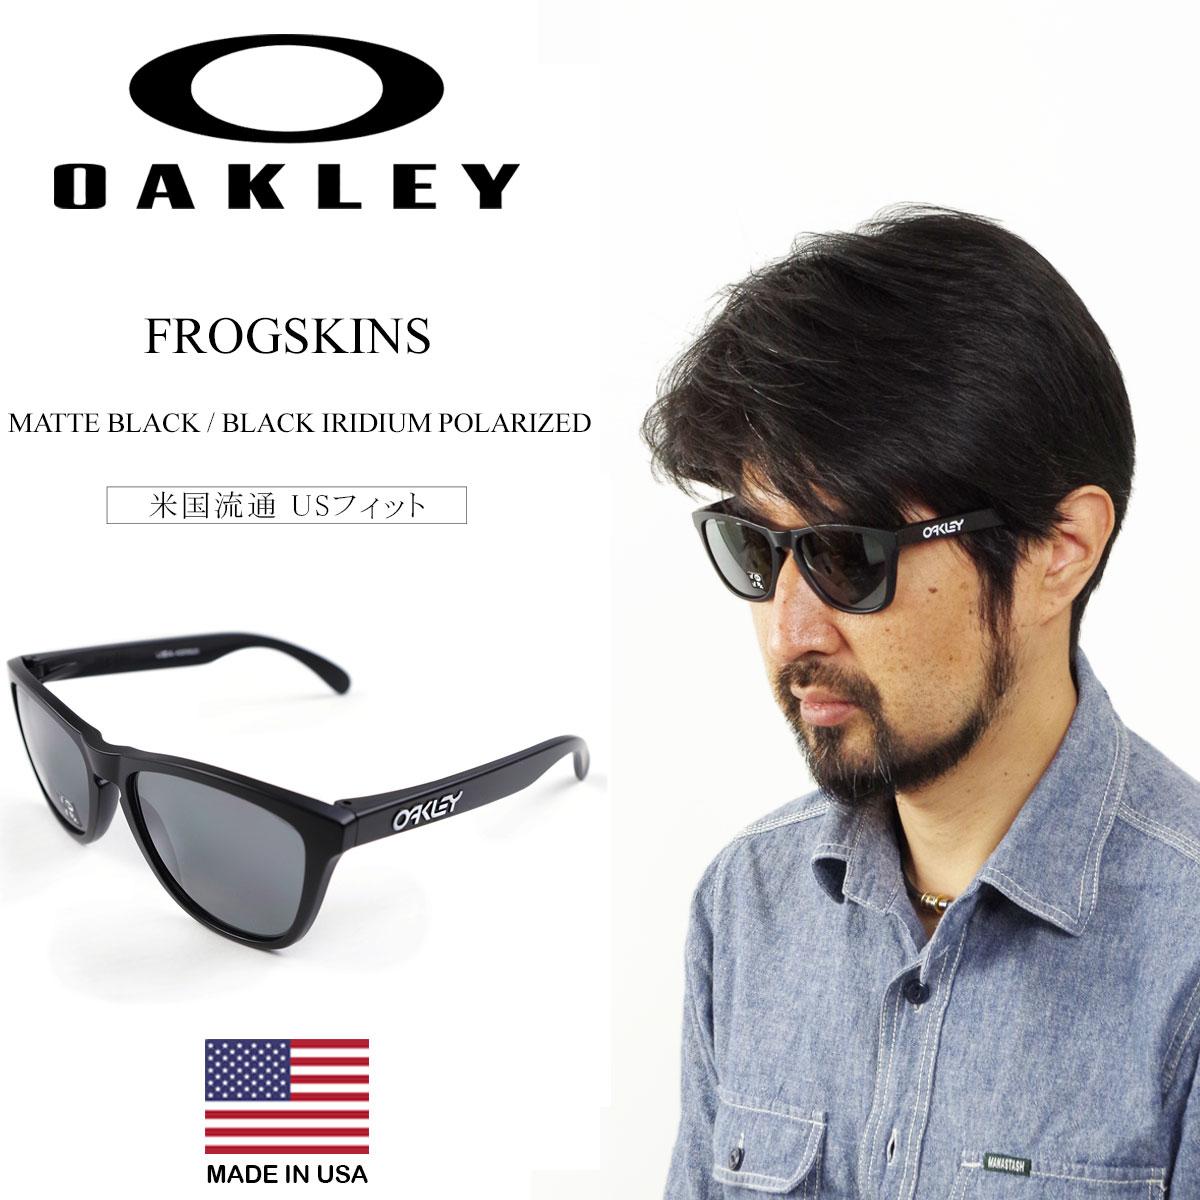 オークリー OAKLEY サングラス フロッグスキン マットブラック/ブラックイリジウムポラライズド (USフィット FROGSKINS 偏光レンズ)